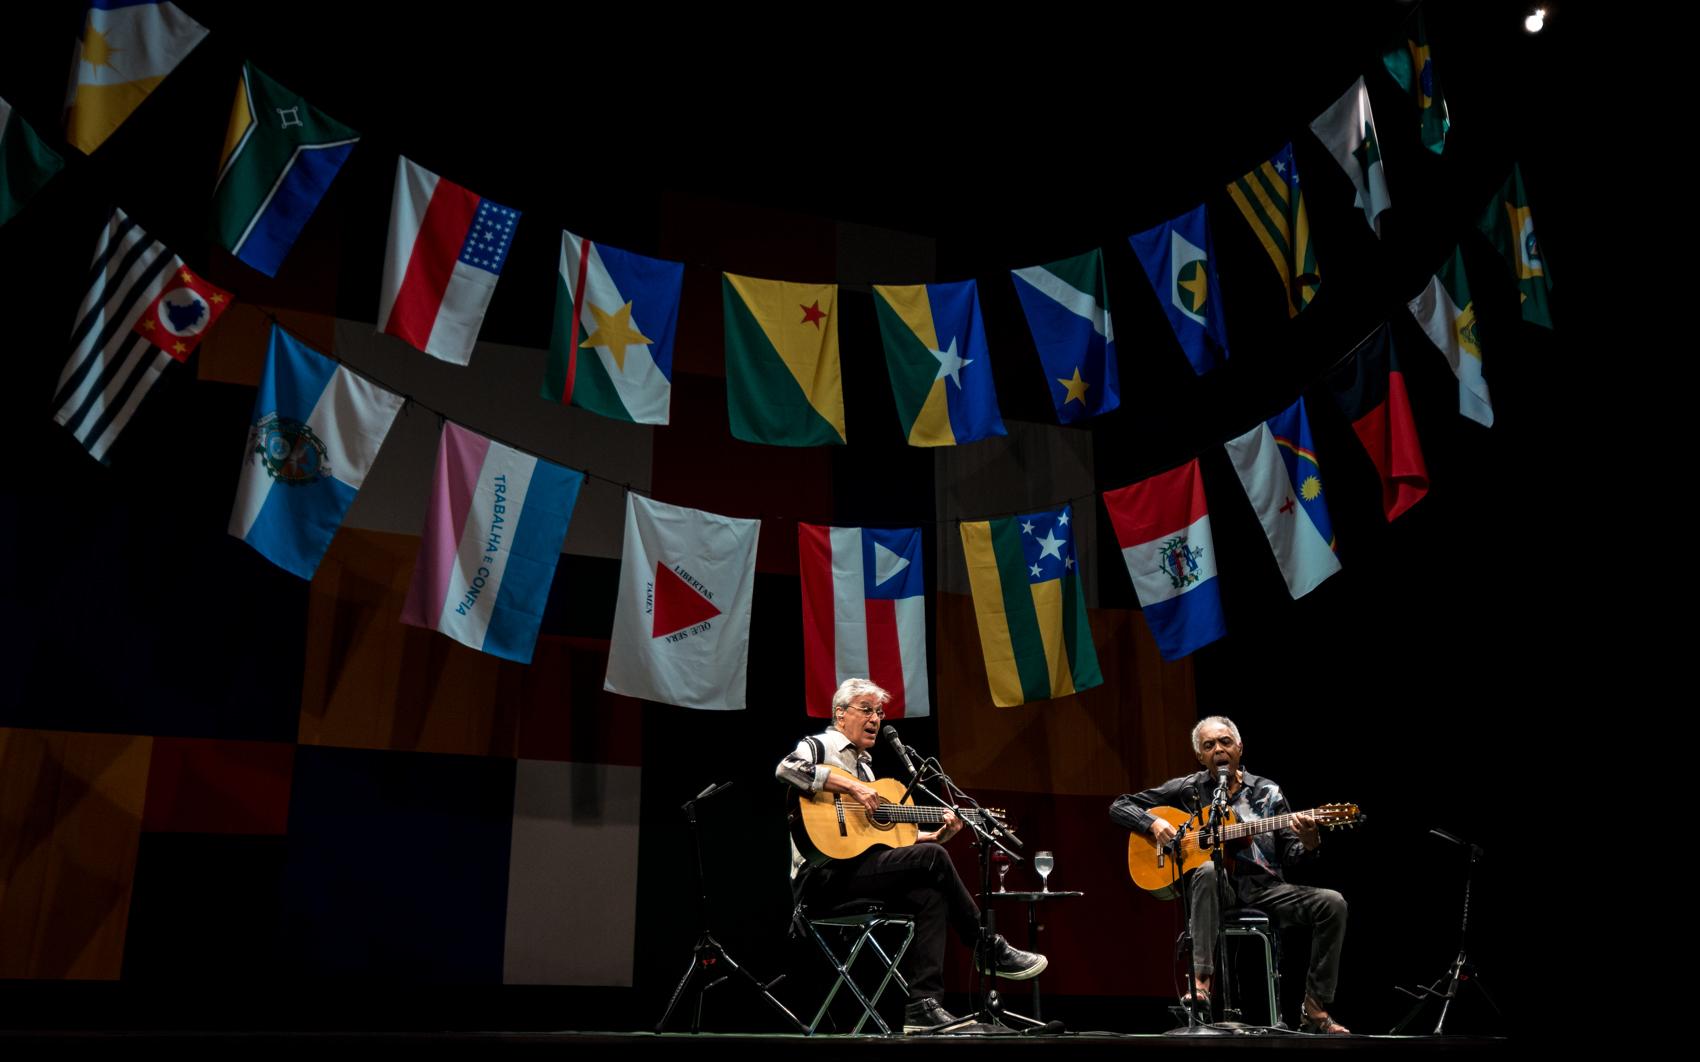 Caetano Veloso e Gilberto Gil tocam e cantam juntos no 1º de três shows no Citibank Hall SP, na Zona Sul de São Paulo, na noite de quinta-feira (20). A turnê batizada de 'Dois Amigos, Um Século de Música' celebra os 50 anos de carreira de cada um